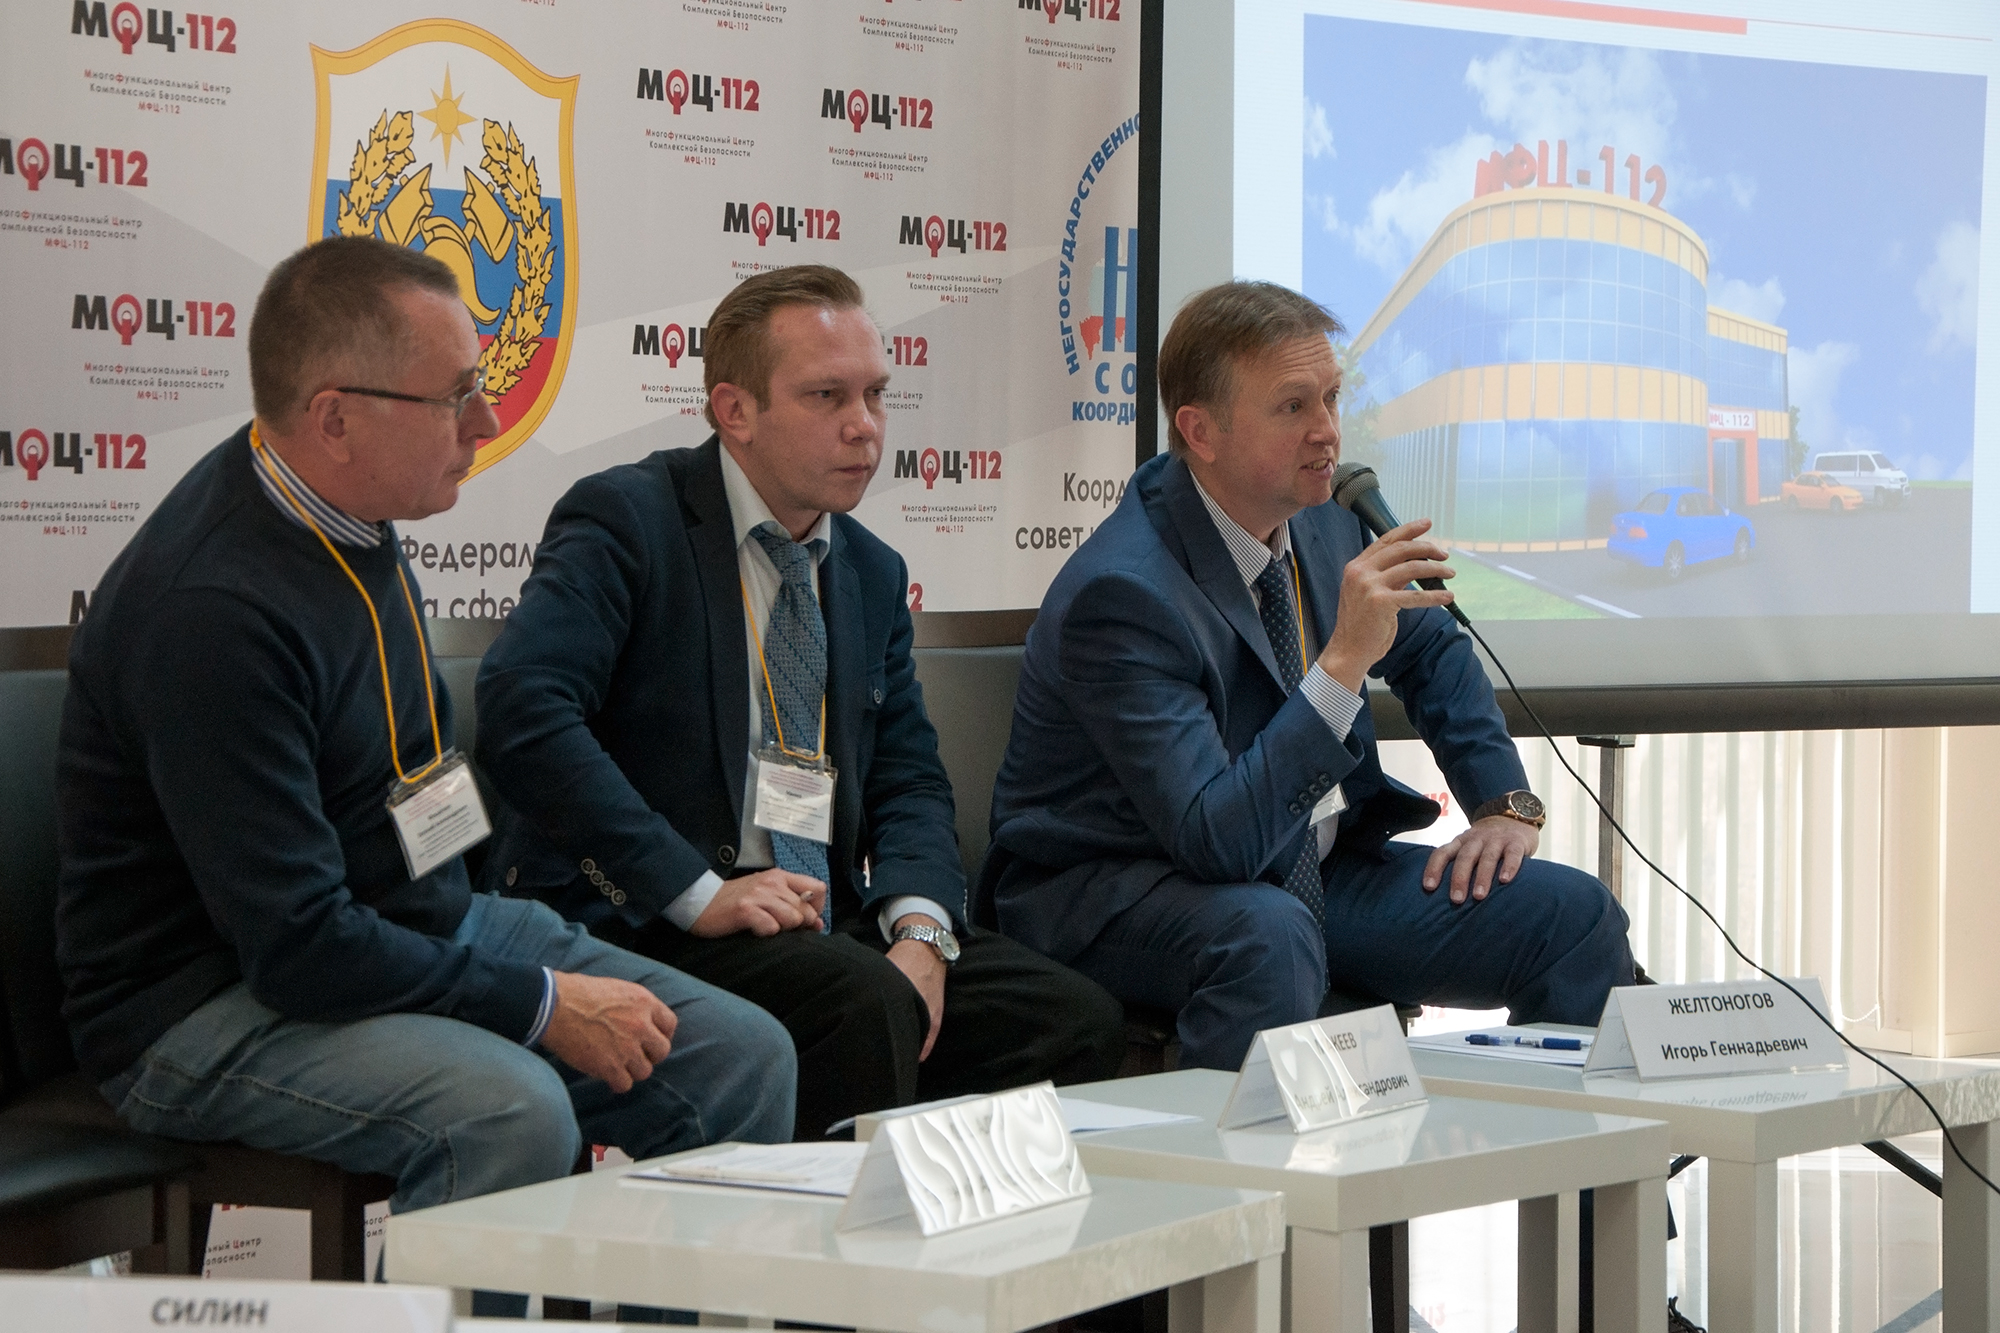 В МФЦ-112 прошла вторая в этом сезоне конференция по вопросам обеспечения безопасности. На этот раз целевой аудиторией мероприятия были руководители учреждений здравоохранения и руководители служб безопасности.